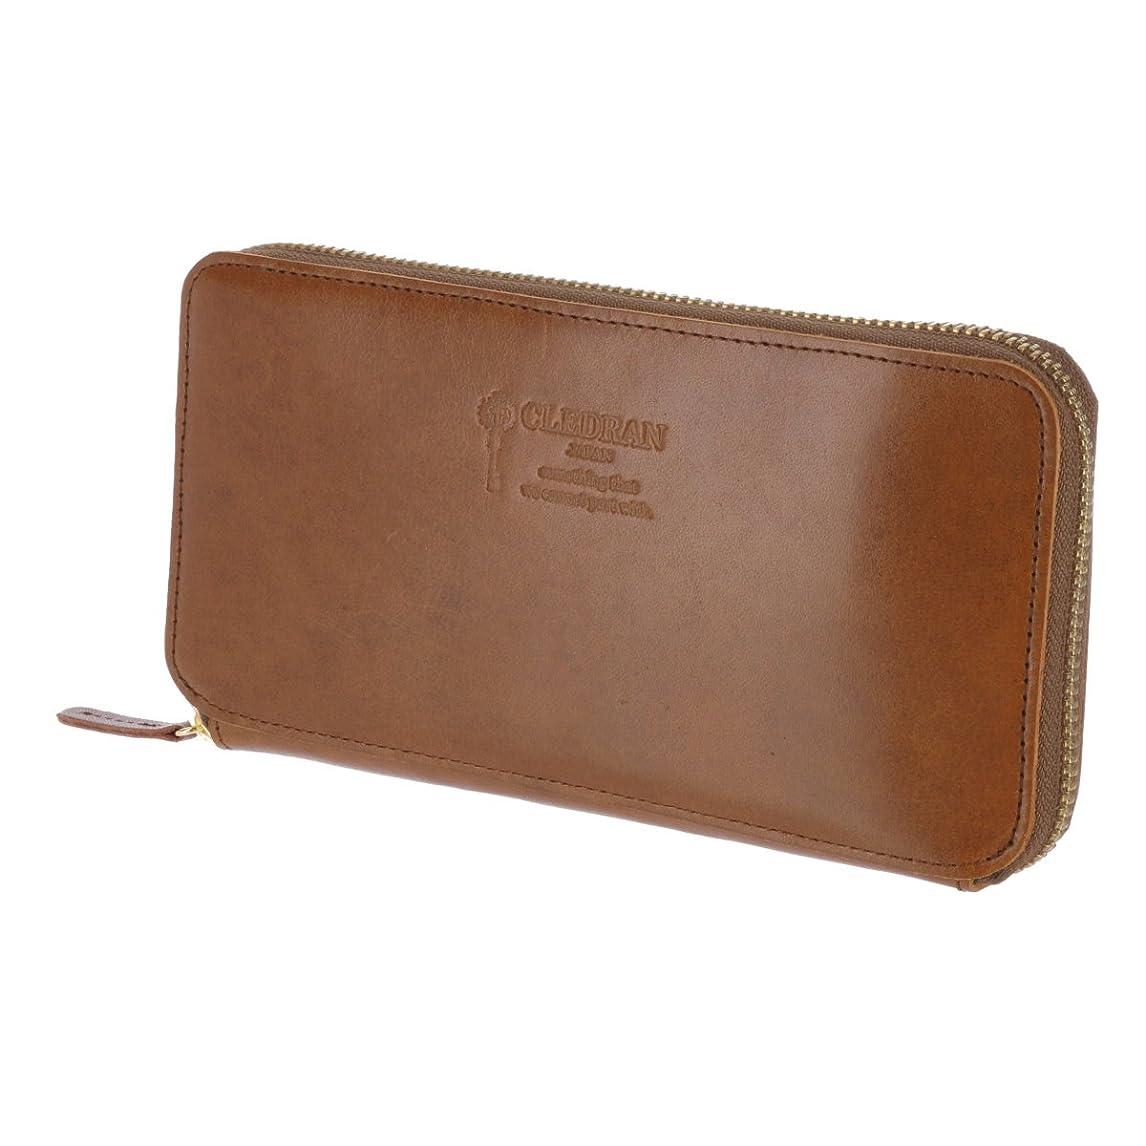 スチュワーデスフルート(クレドラン) CLEDRAN 長財布